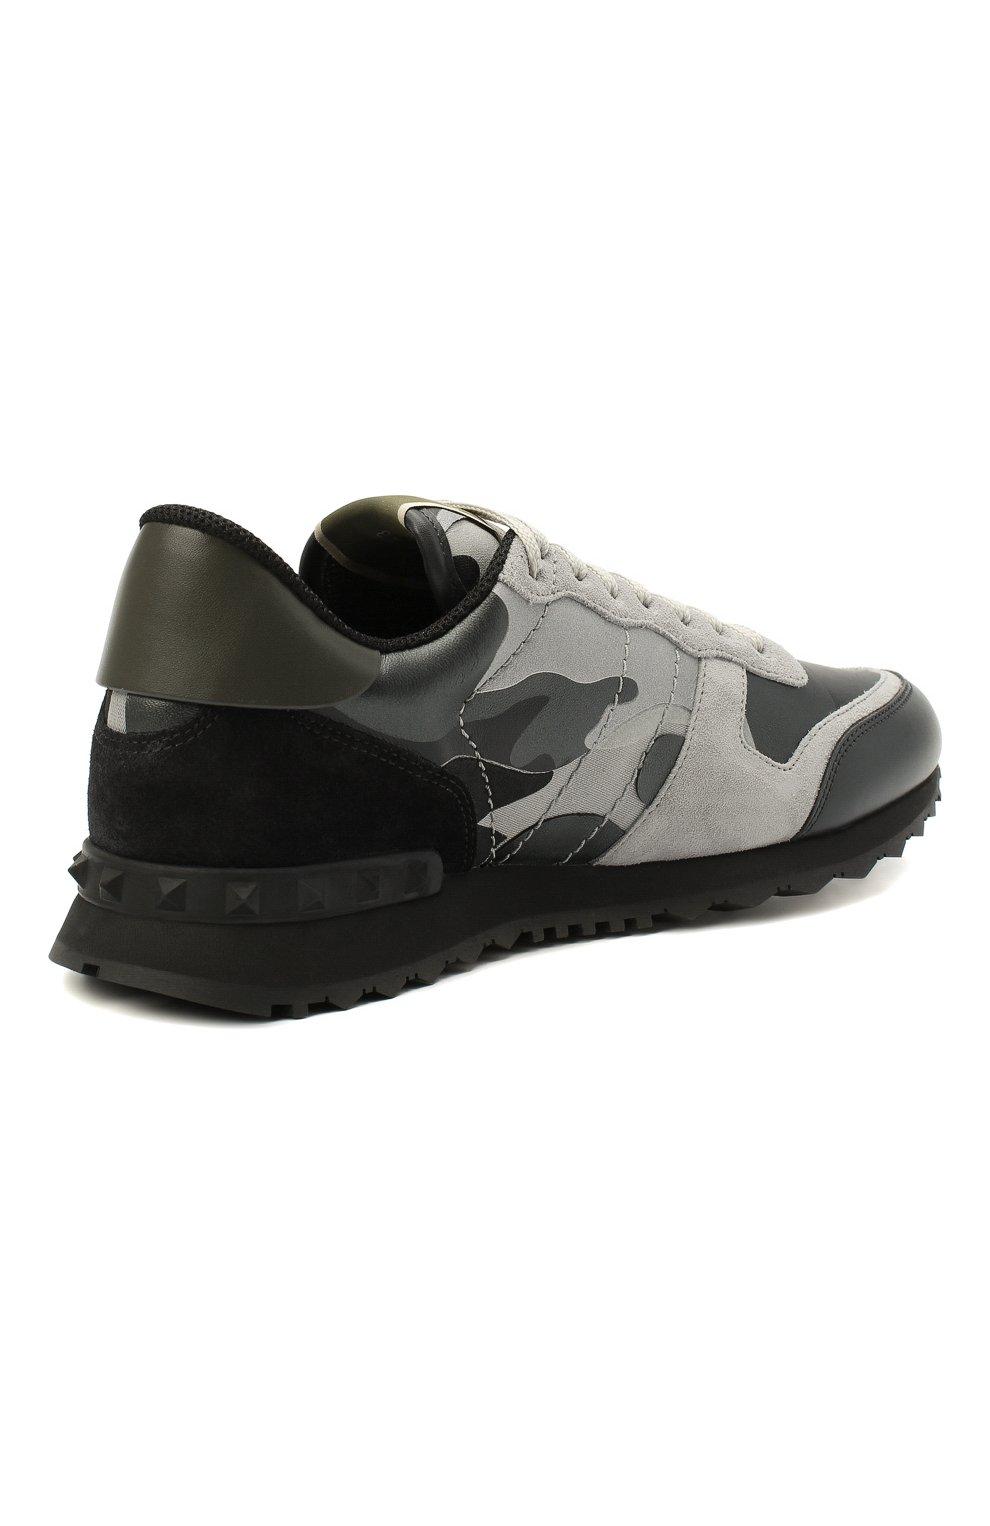 9dd72e0fc7ef Мужская обувь Valentino по цене от 14 300 руб. купить в интернет-магазине  ЦУМ